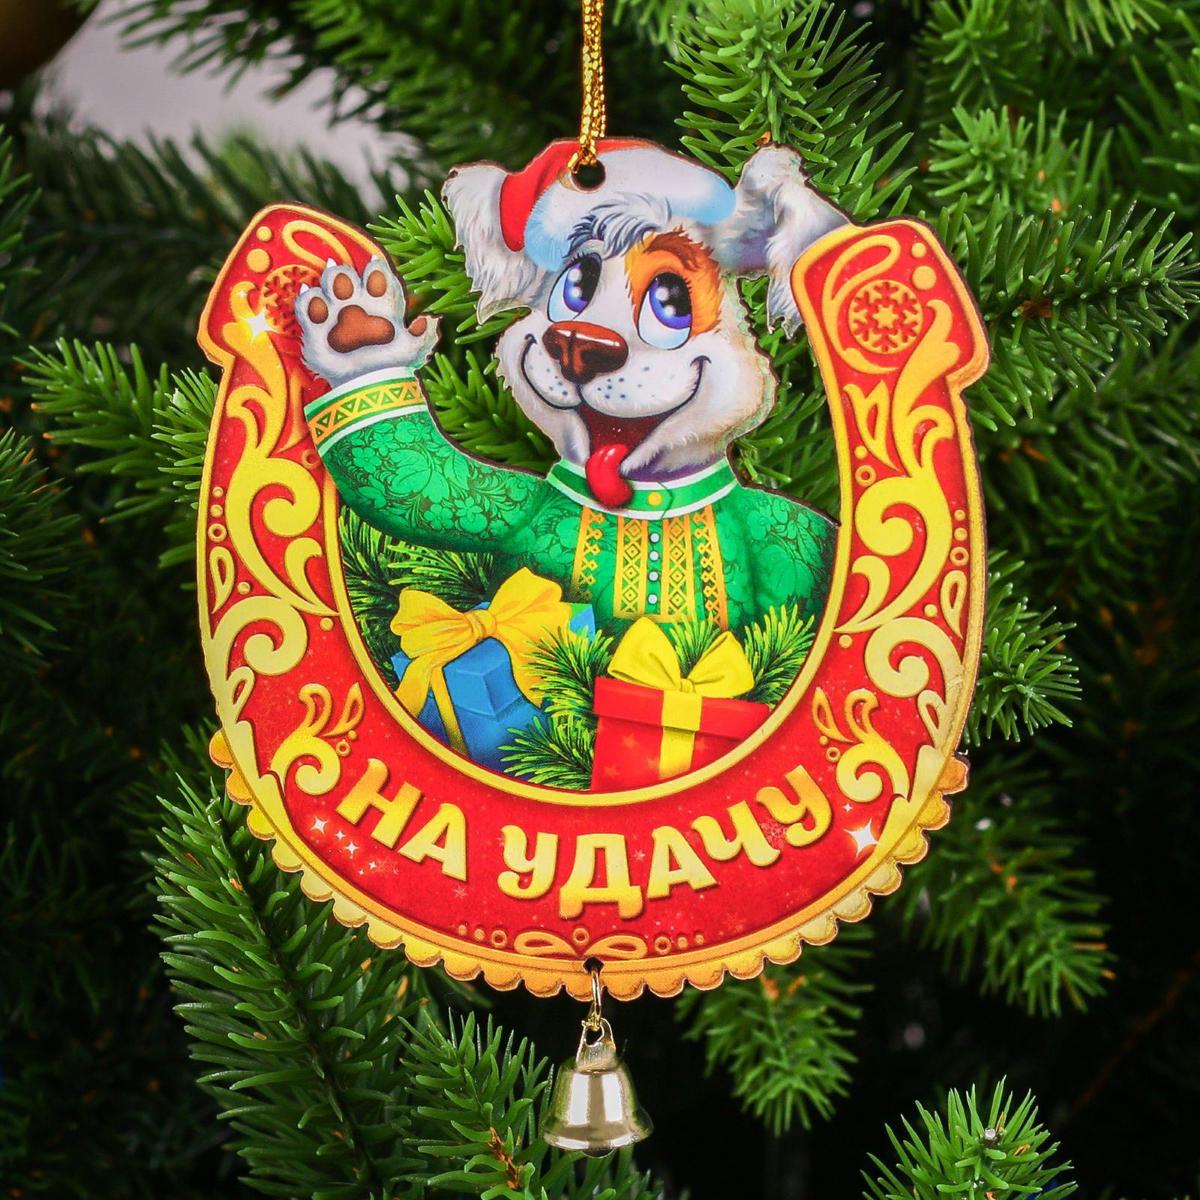 Украшение новогоднее подвесное На удачу, 8,1 х 8,9 см2252484Новогоднее подвесное украшение, выполненное из дерева, отлично подойдет для декорации вашего дома и новогодней ели. С помощьюспециальной петельки украшение можно повесить в любом понравившемся вам месте. Но, конечно, удачнее всего оно будет смотреться напраздничной елке. Украшение дополнено металлическим колокольчиком.Елочная игрушка - символ Нового года. Она несет в себеволшебство и красоту праздника. Такое украшение создаст ввашем доме атмосферу праздника, веселья и радости.